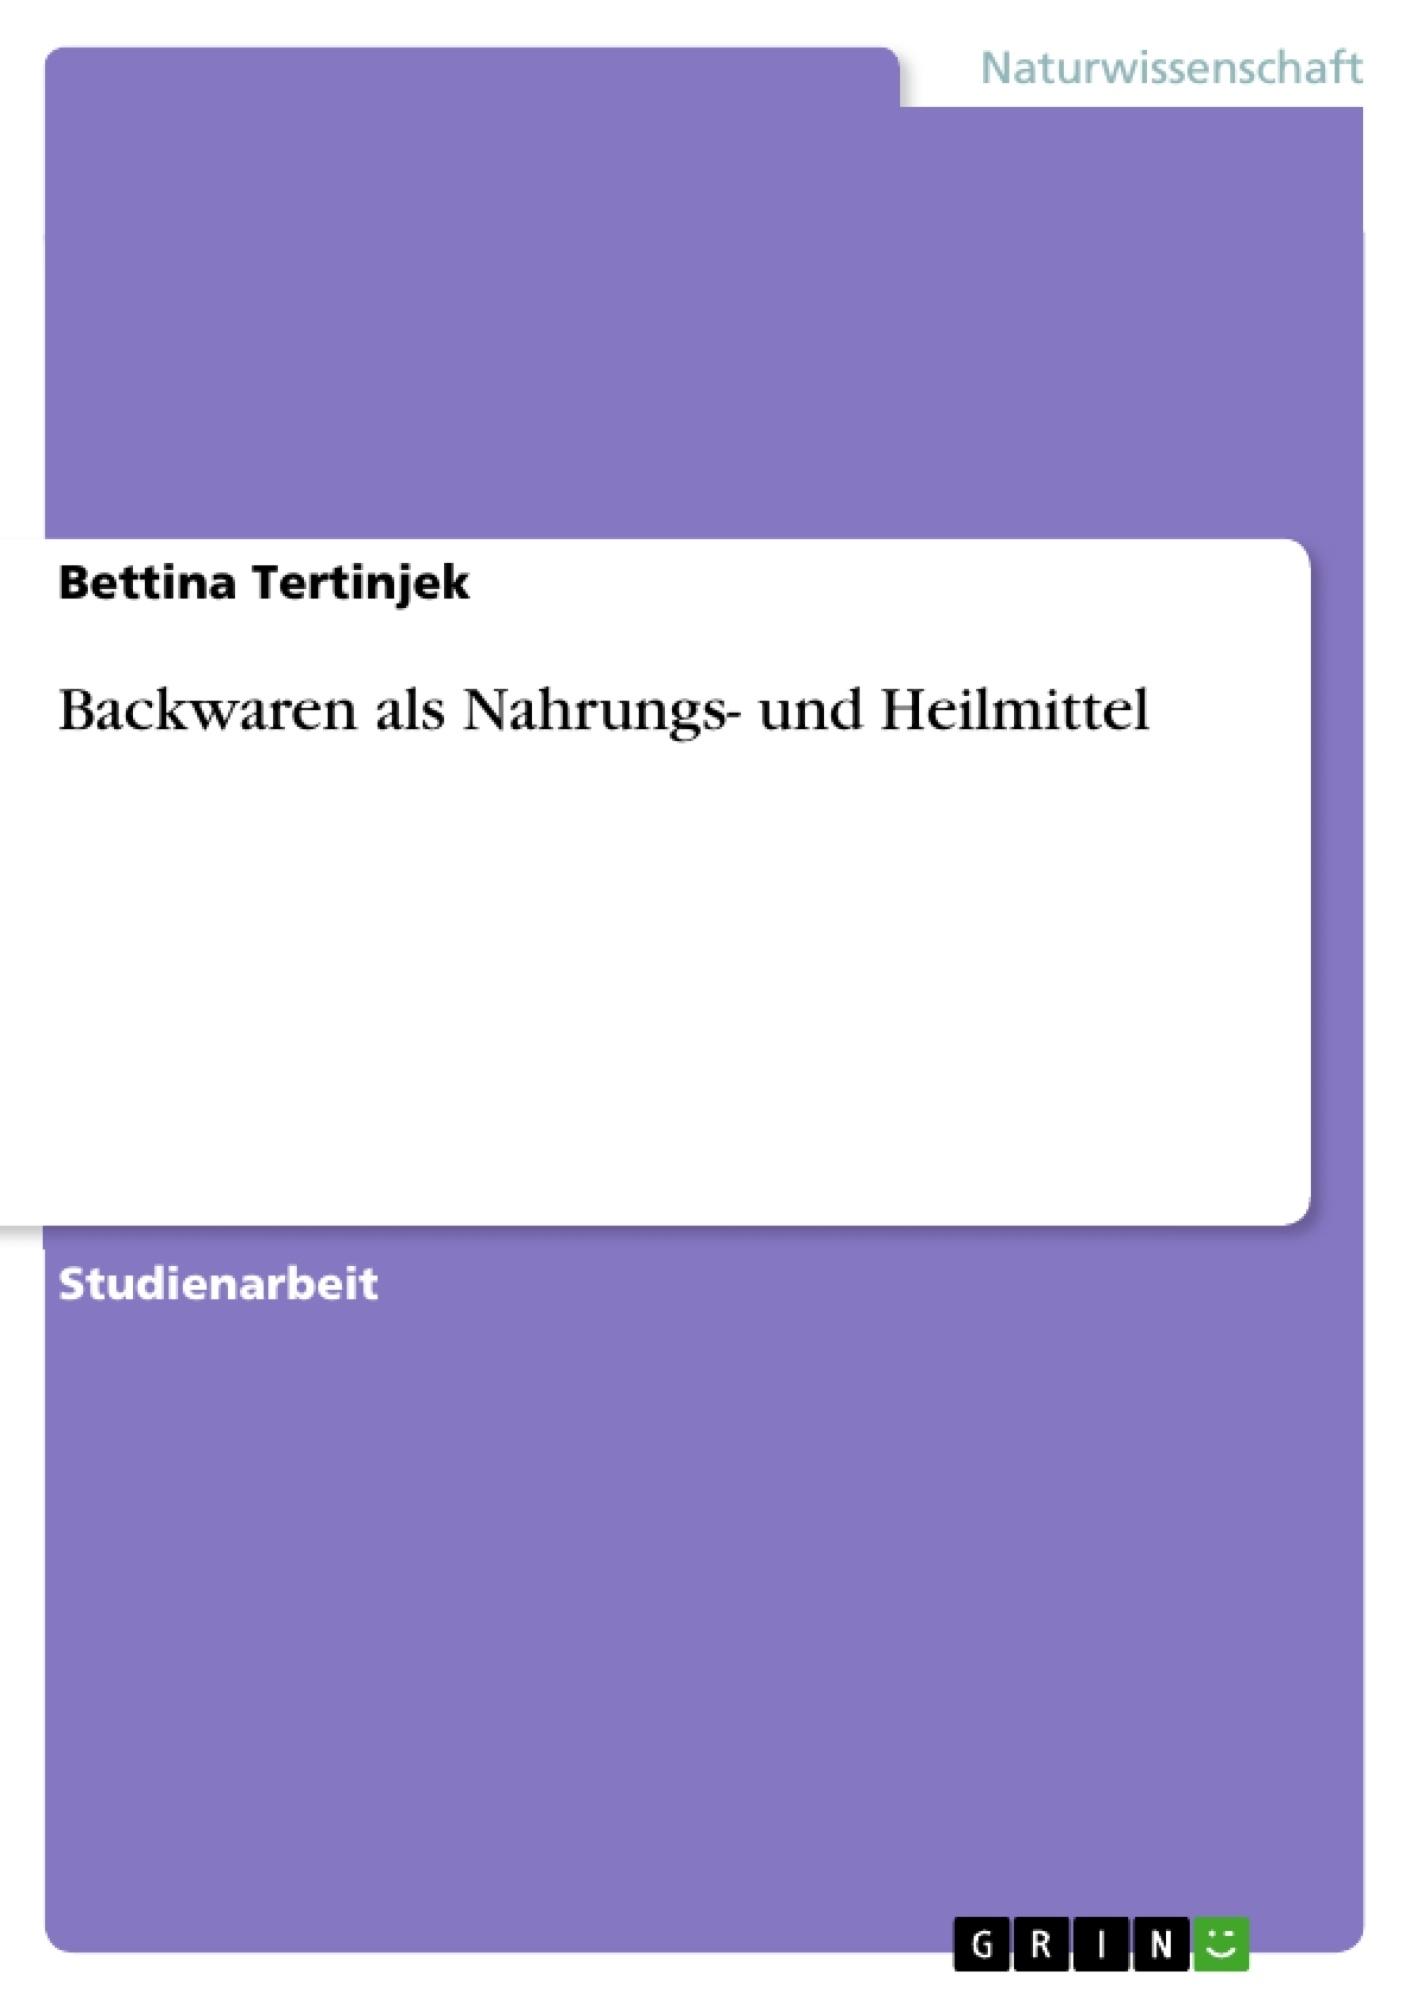 Backwaren als Nahrungs- und Heilmittel | Masterarbeit, Hausarbeit ...